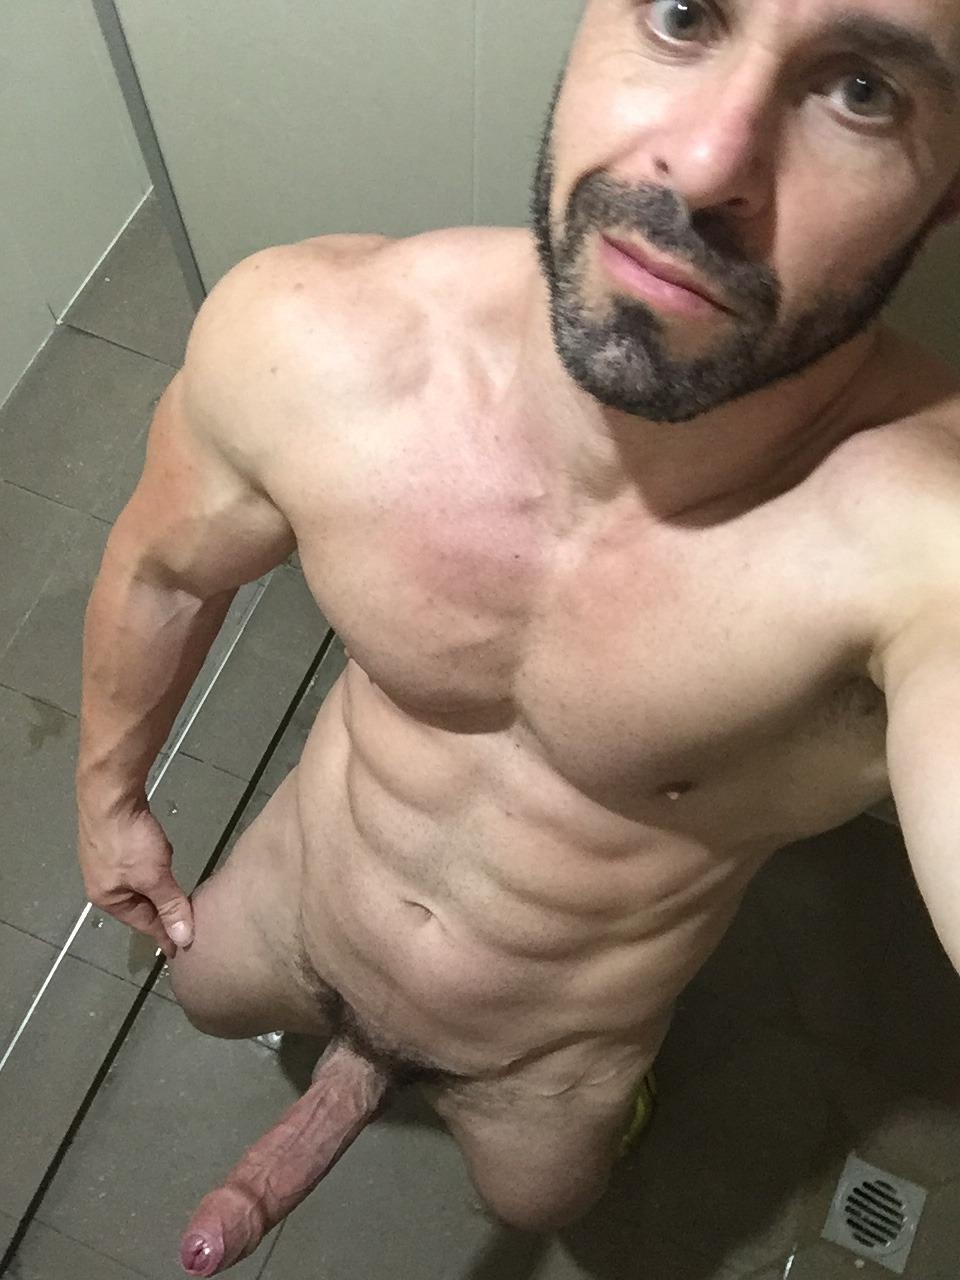 Big dick instagram